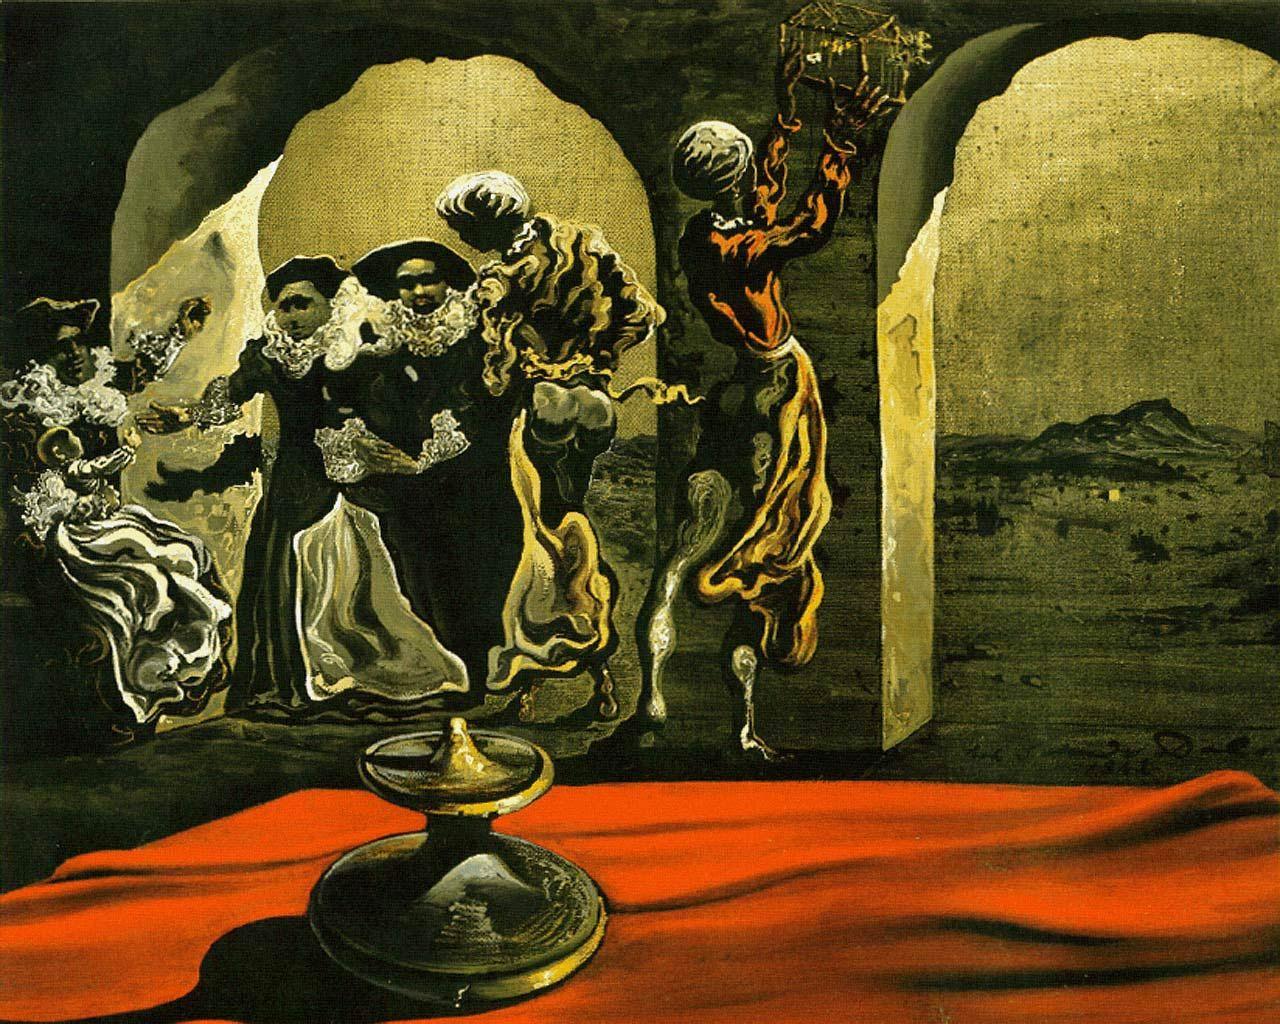 salvador dali | Por Amor al Arte: Salvador Dalí.